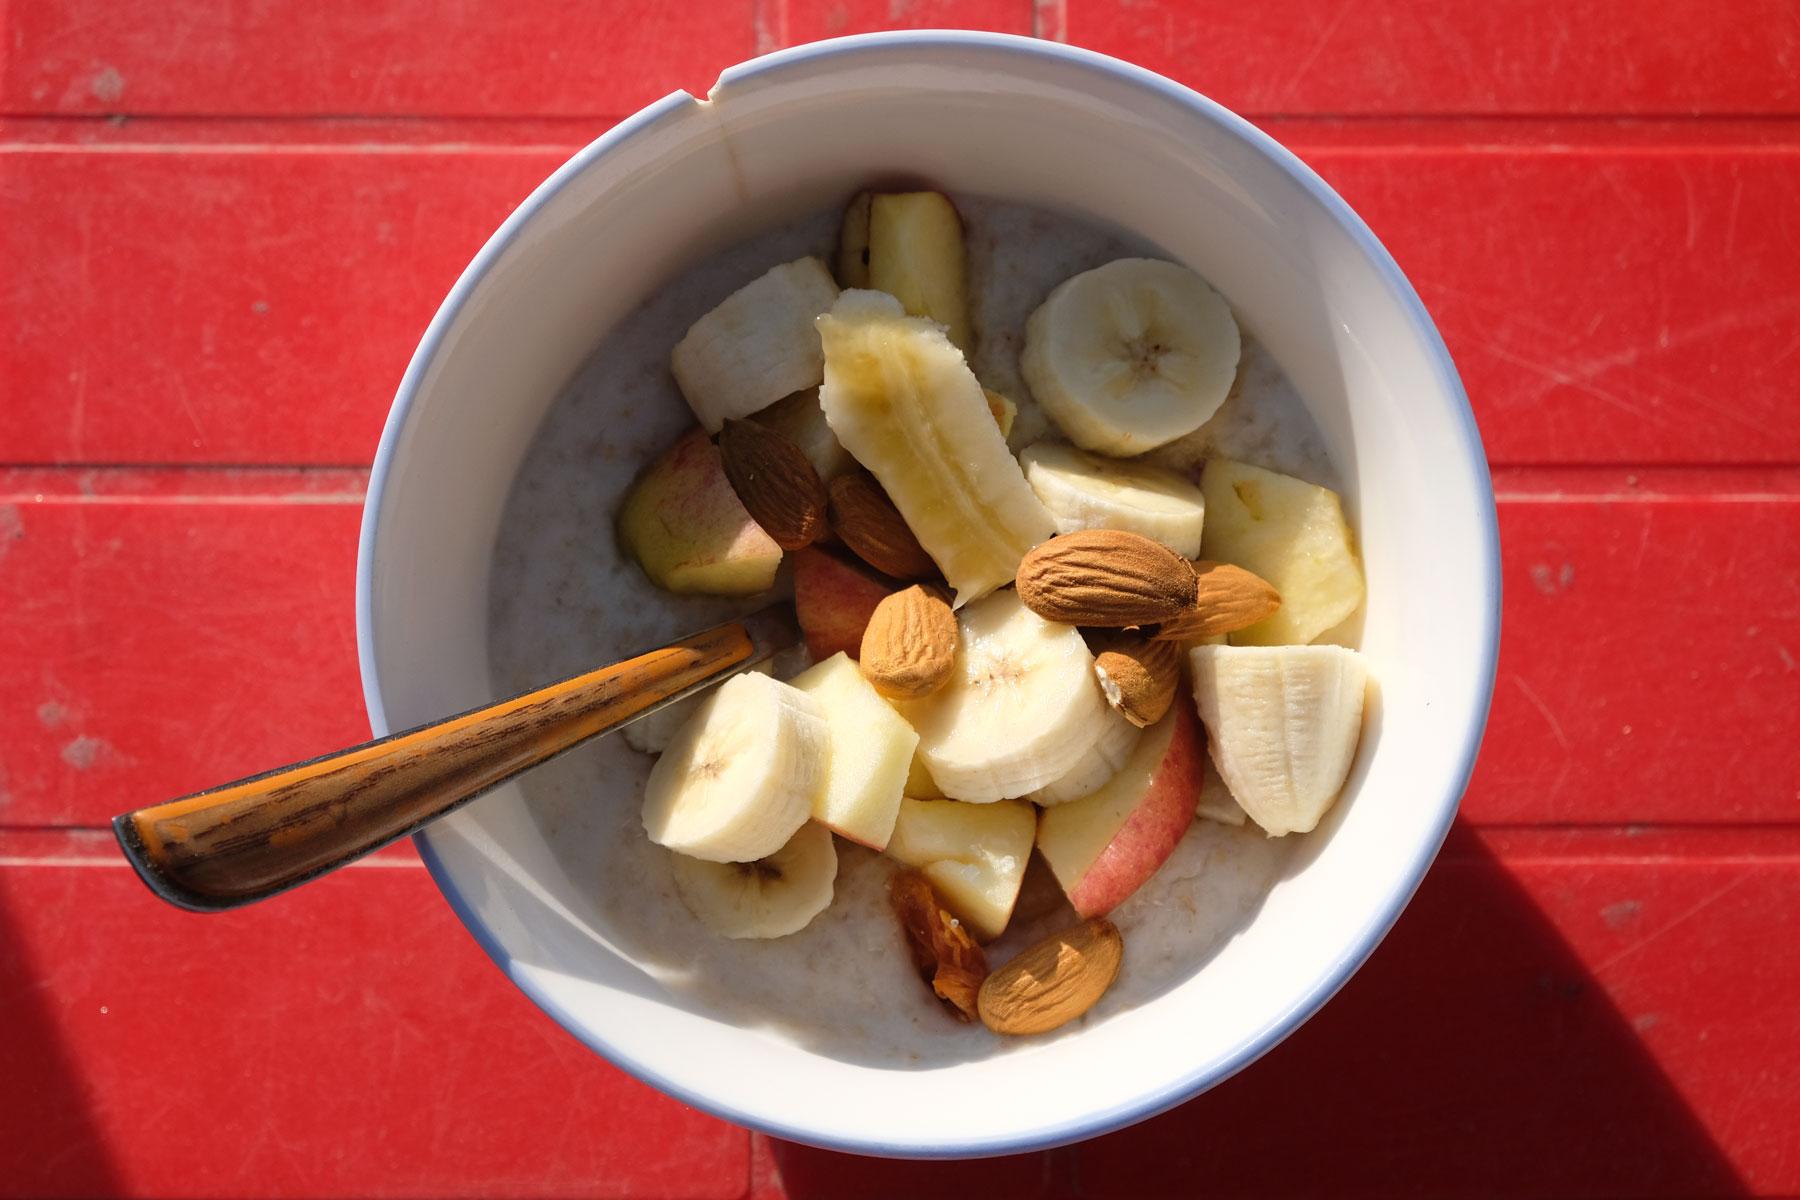 Den Tag beginnen wir mit leckerem Porridge, Haferflockenbrei, den wir mit Obst und Mandeln aufpeppen